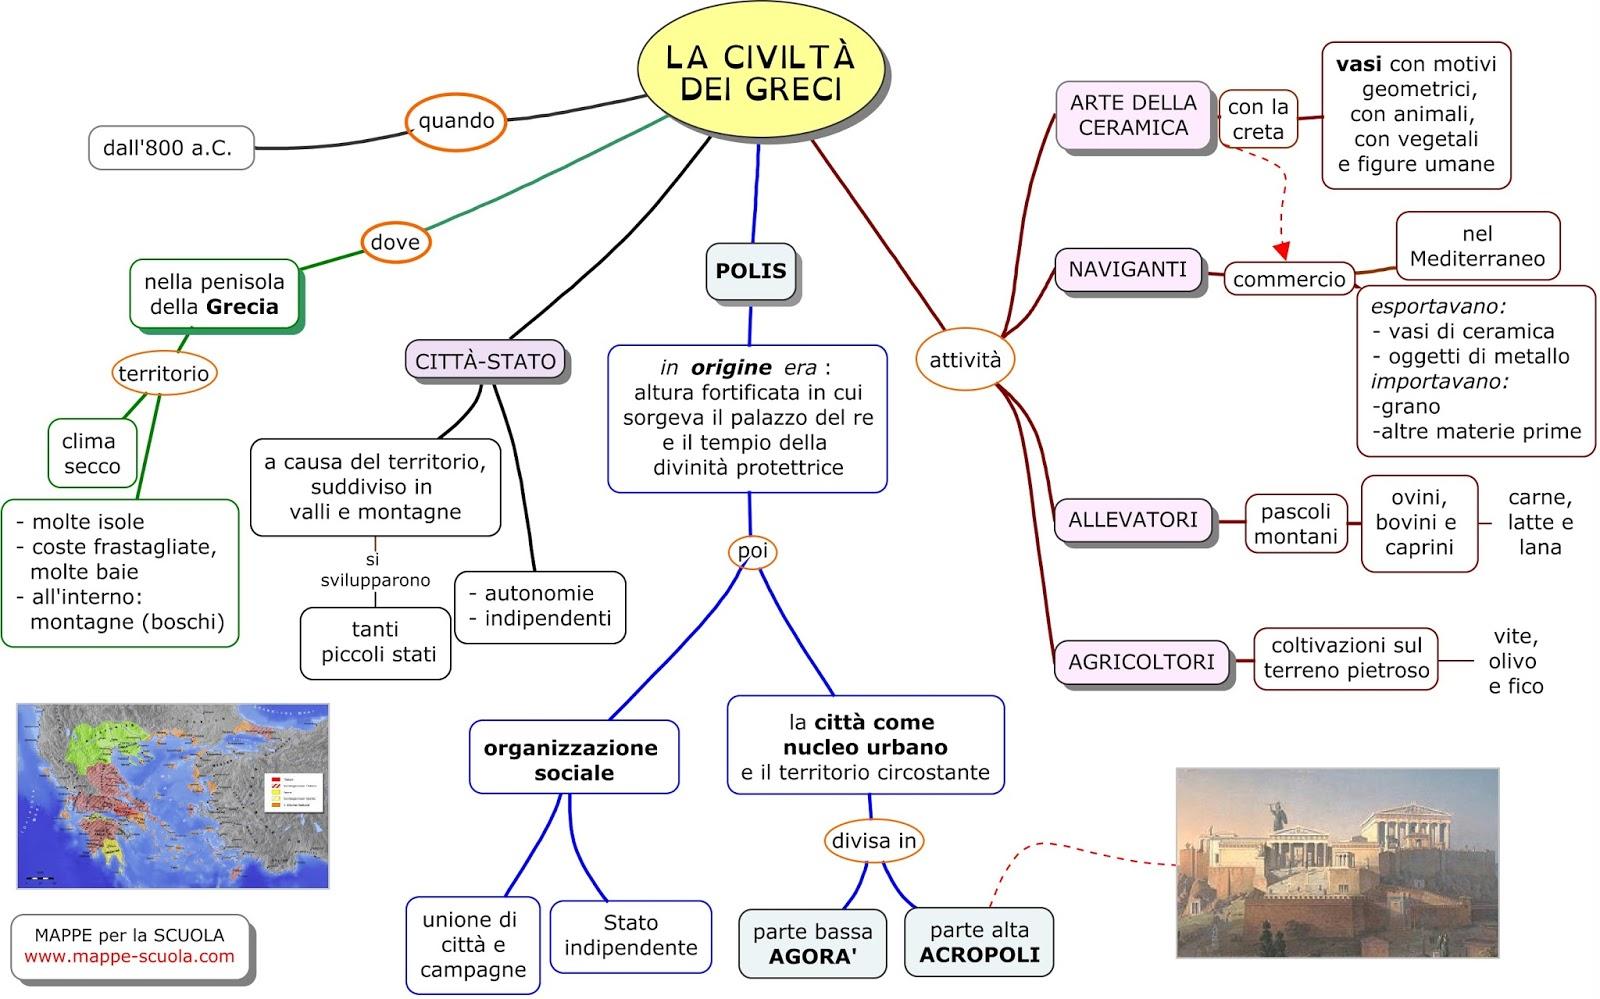 Préférence MAPPE per la SCUOLA: LA CIVILTA' DEI GRECI (1) YC32